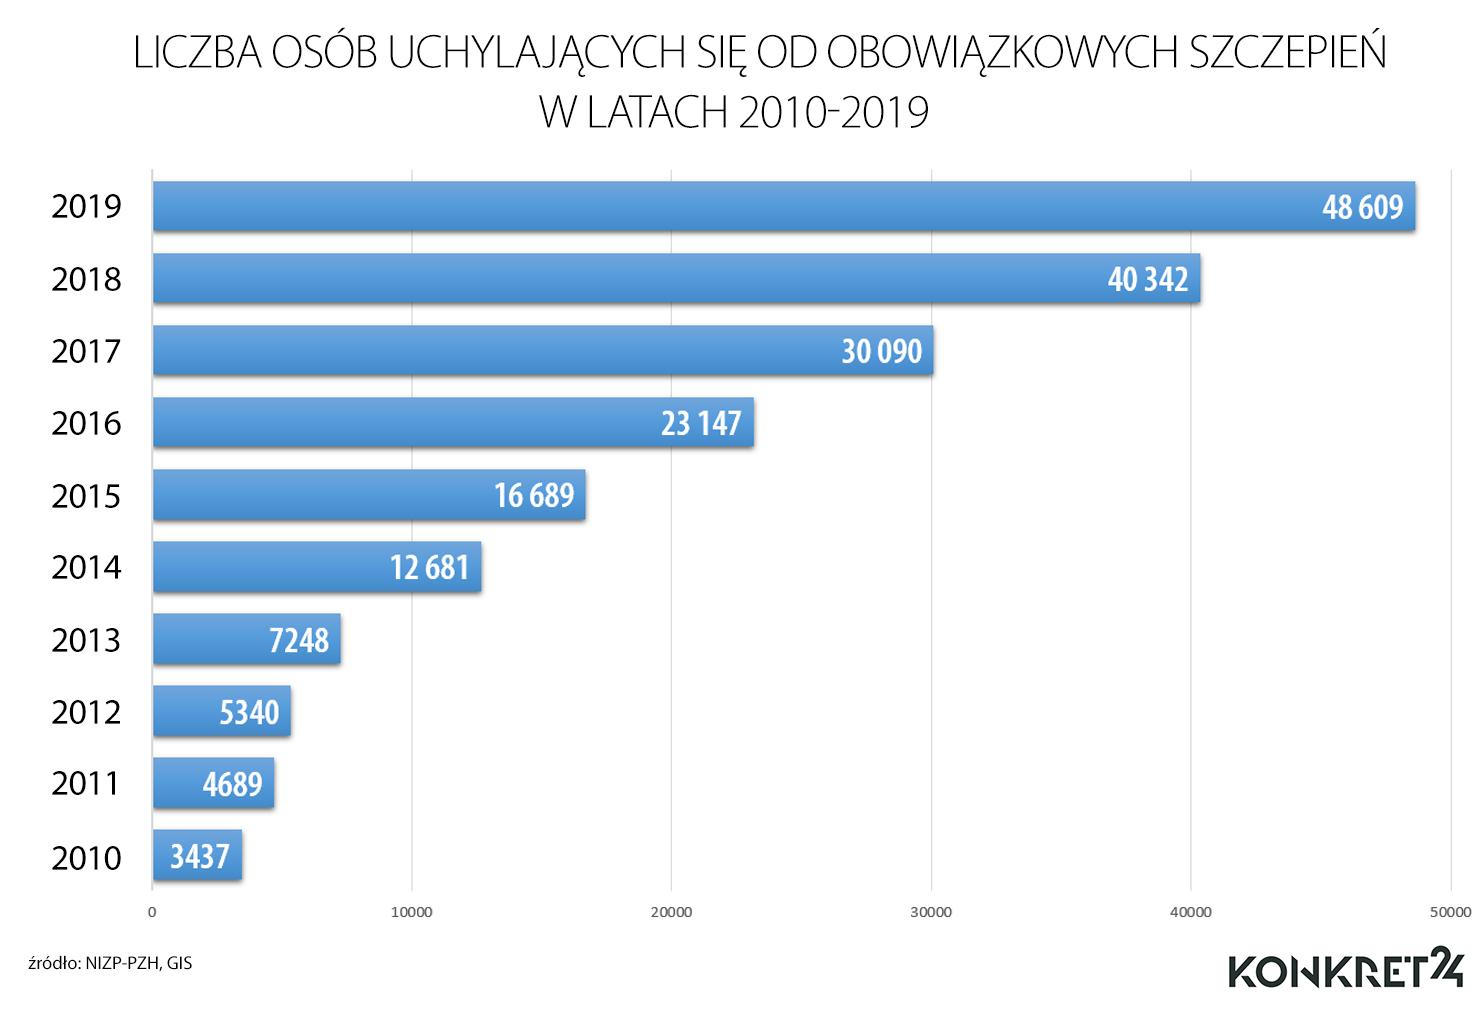 Liczba osób uchylających się od obowiązkowych szczepień w latach 2010-2019